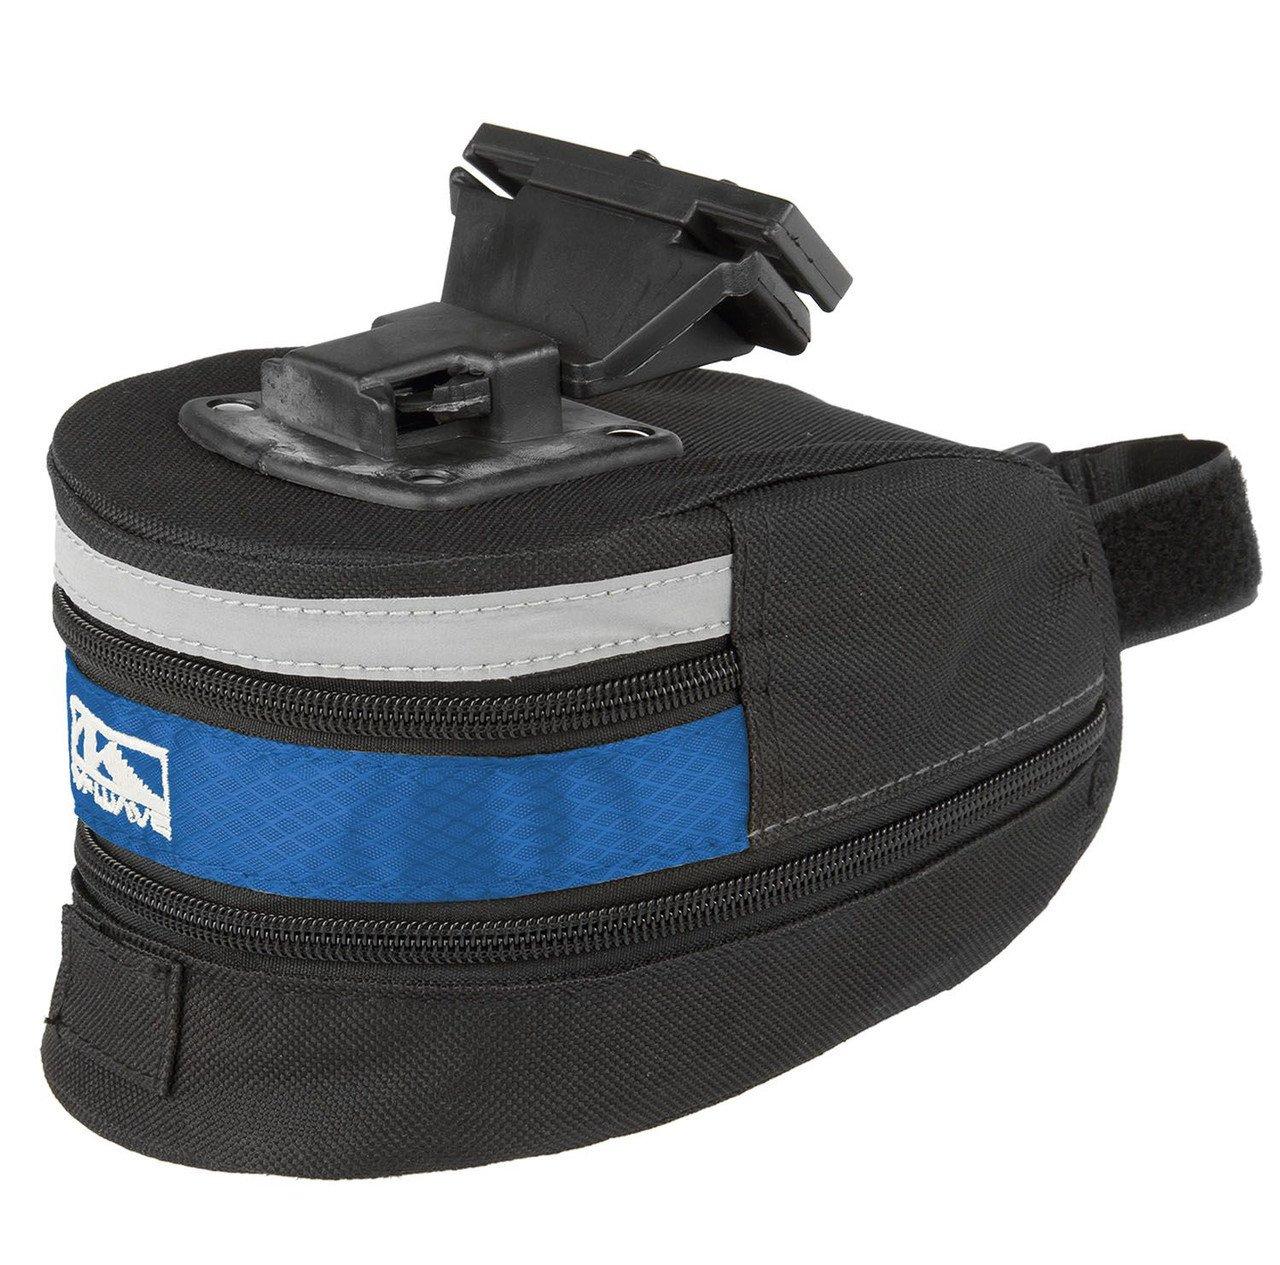 Крепление держателя для установки на насосTOPEAK Mini Tool Carrier for floor pump, TRK-JB20